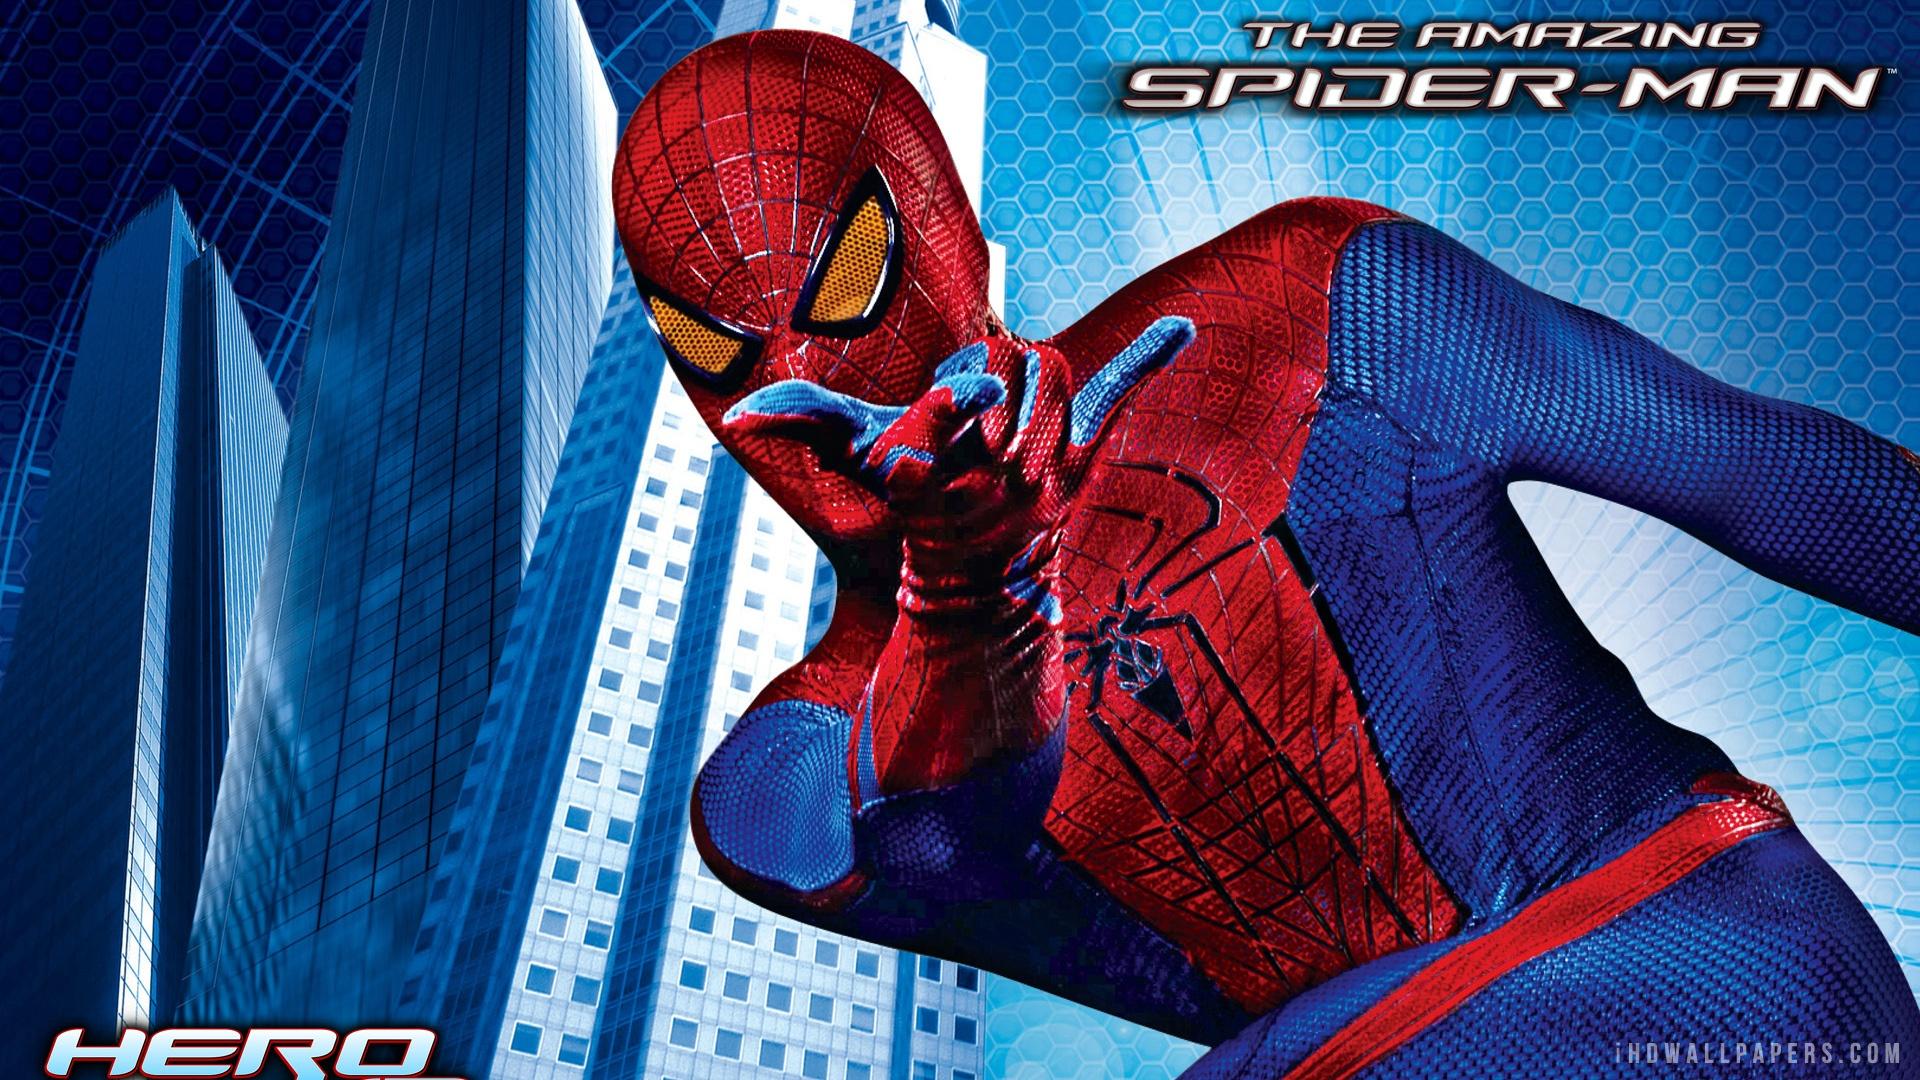 Amazing Spider Man 2 HD Wide Wallpaper   1920x1080 Resolution 1920x1080